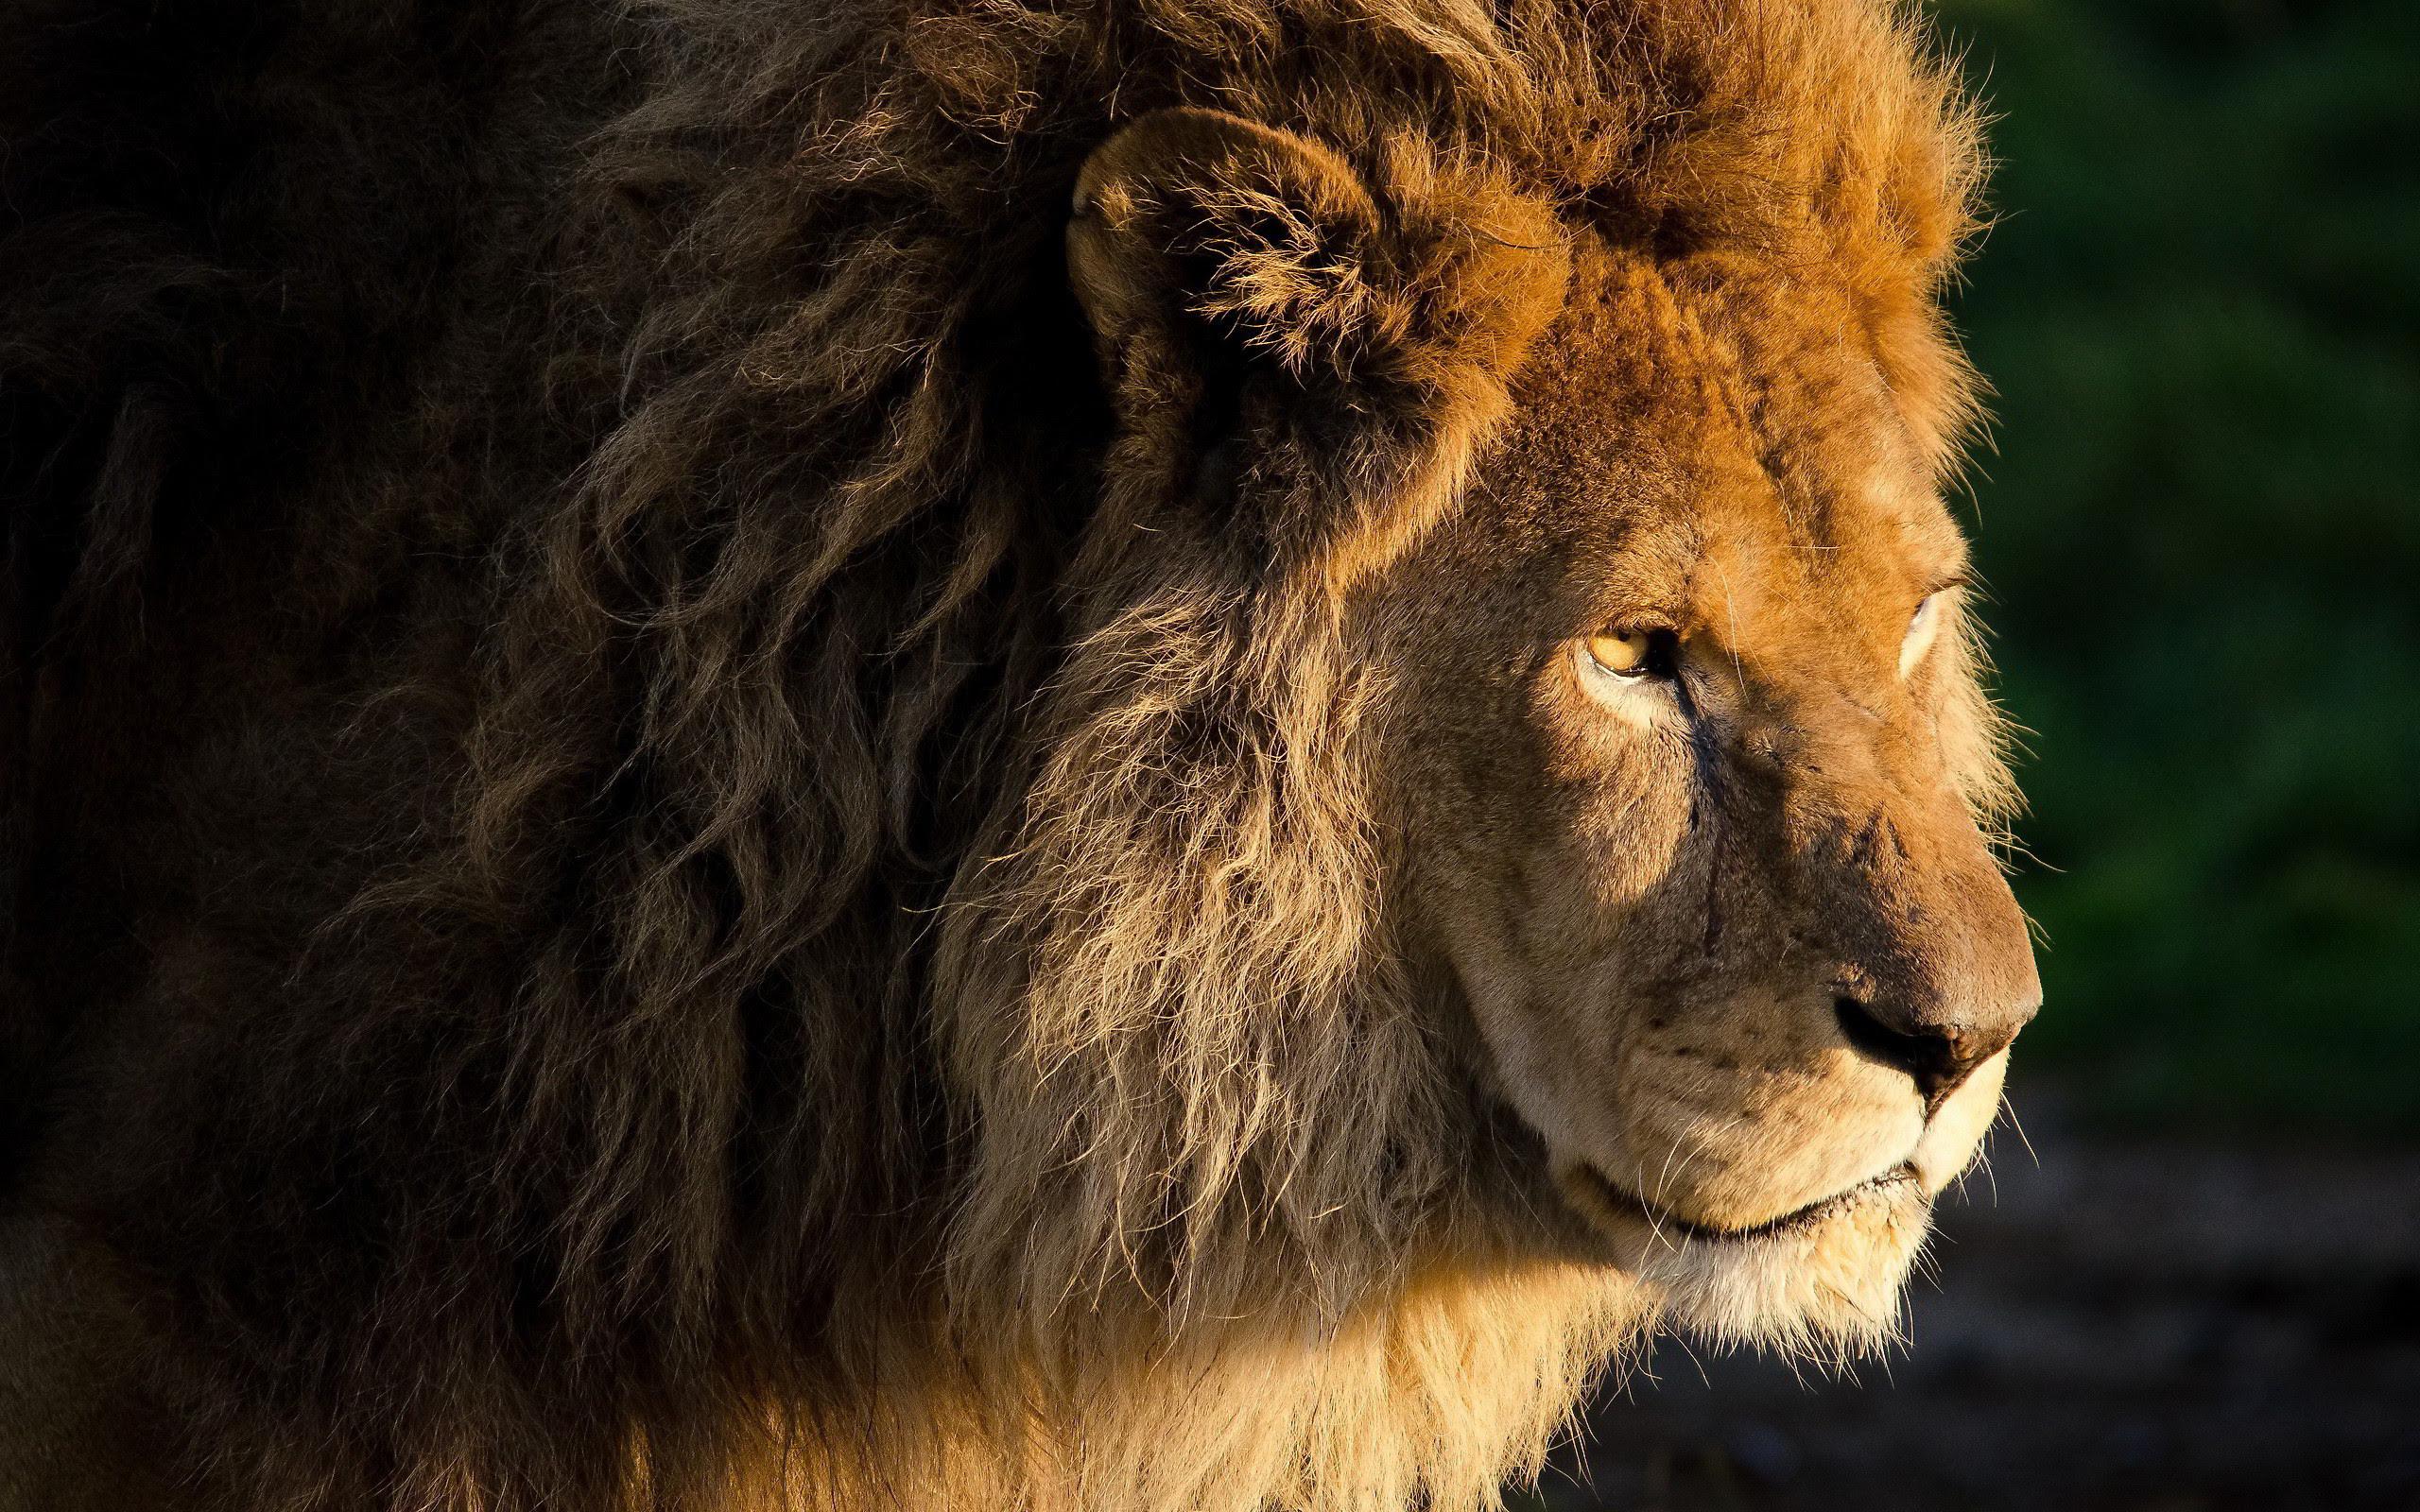 Lion Wallpaper Macbook